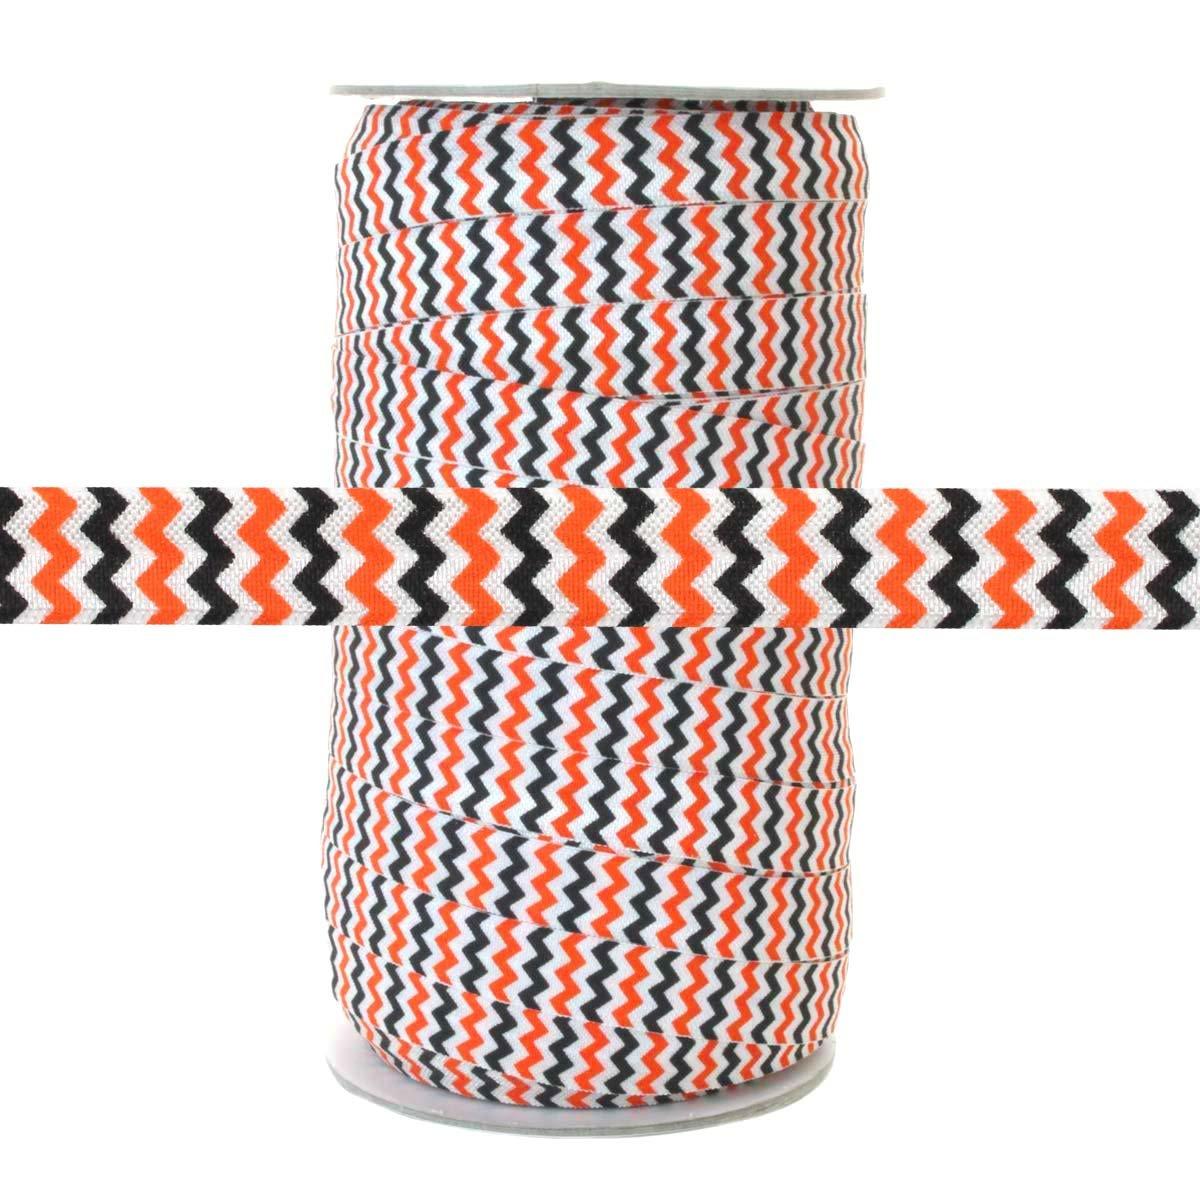 100 Yards - Orange and Black Chevron on White - 5/8'' Fold Over Elastic - ElasticByTheYard by ElasticByTheYard